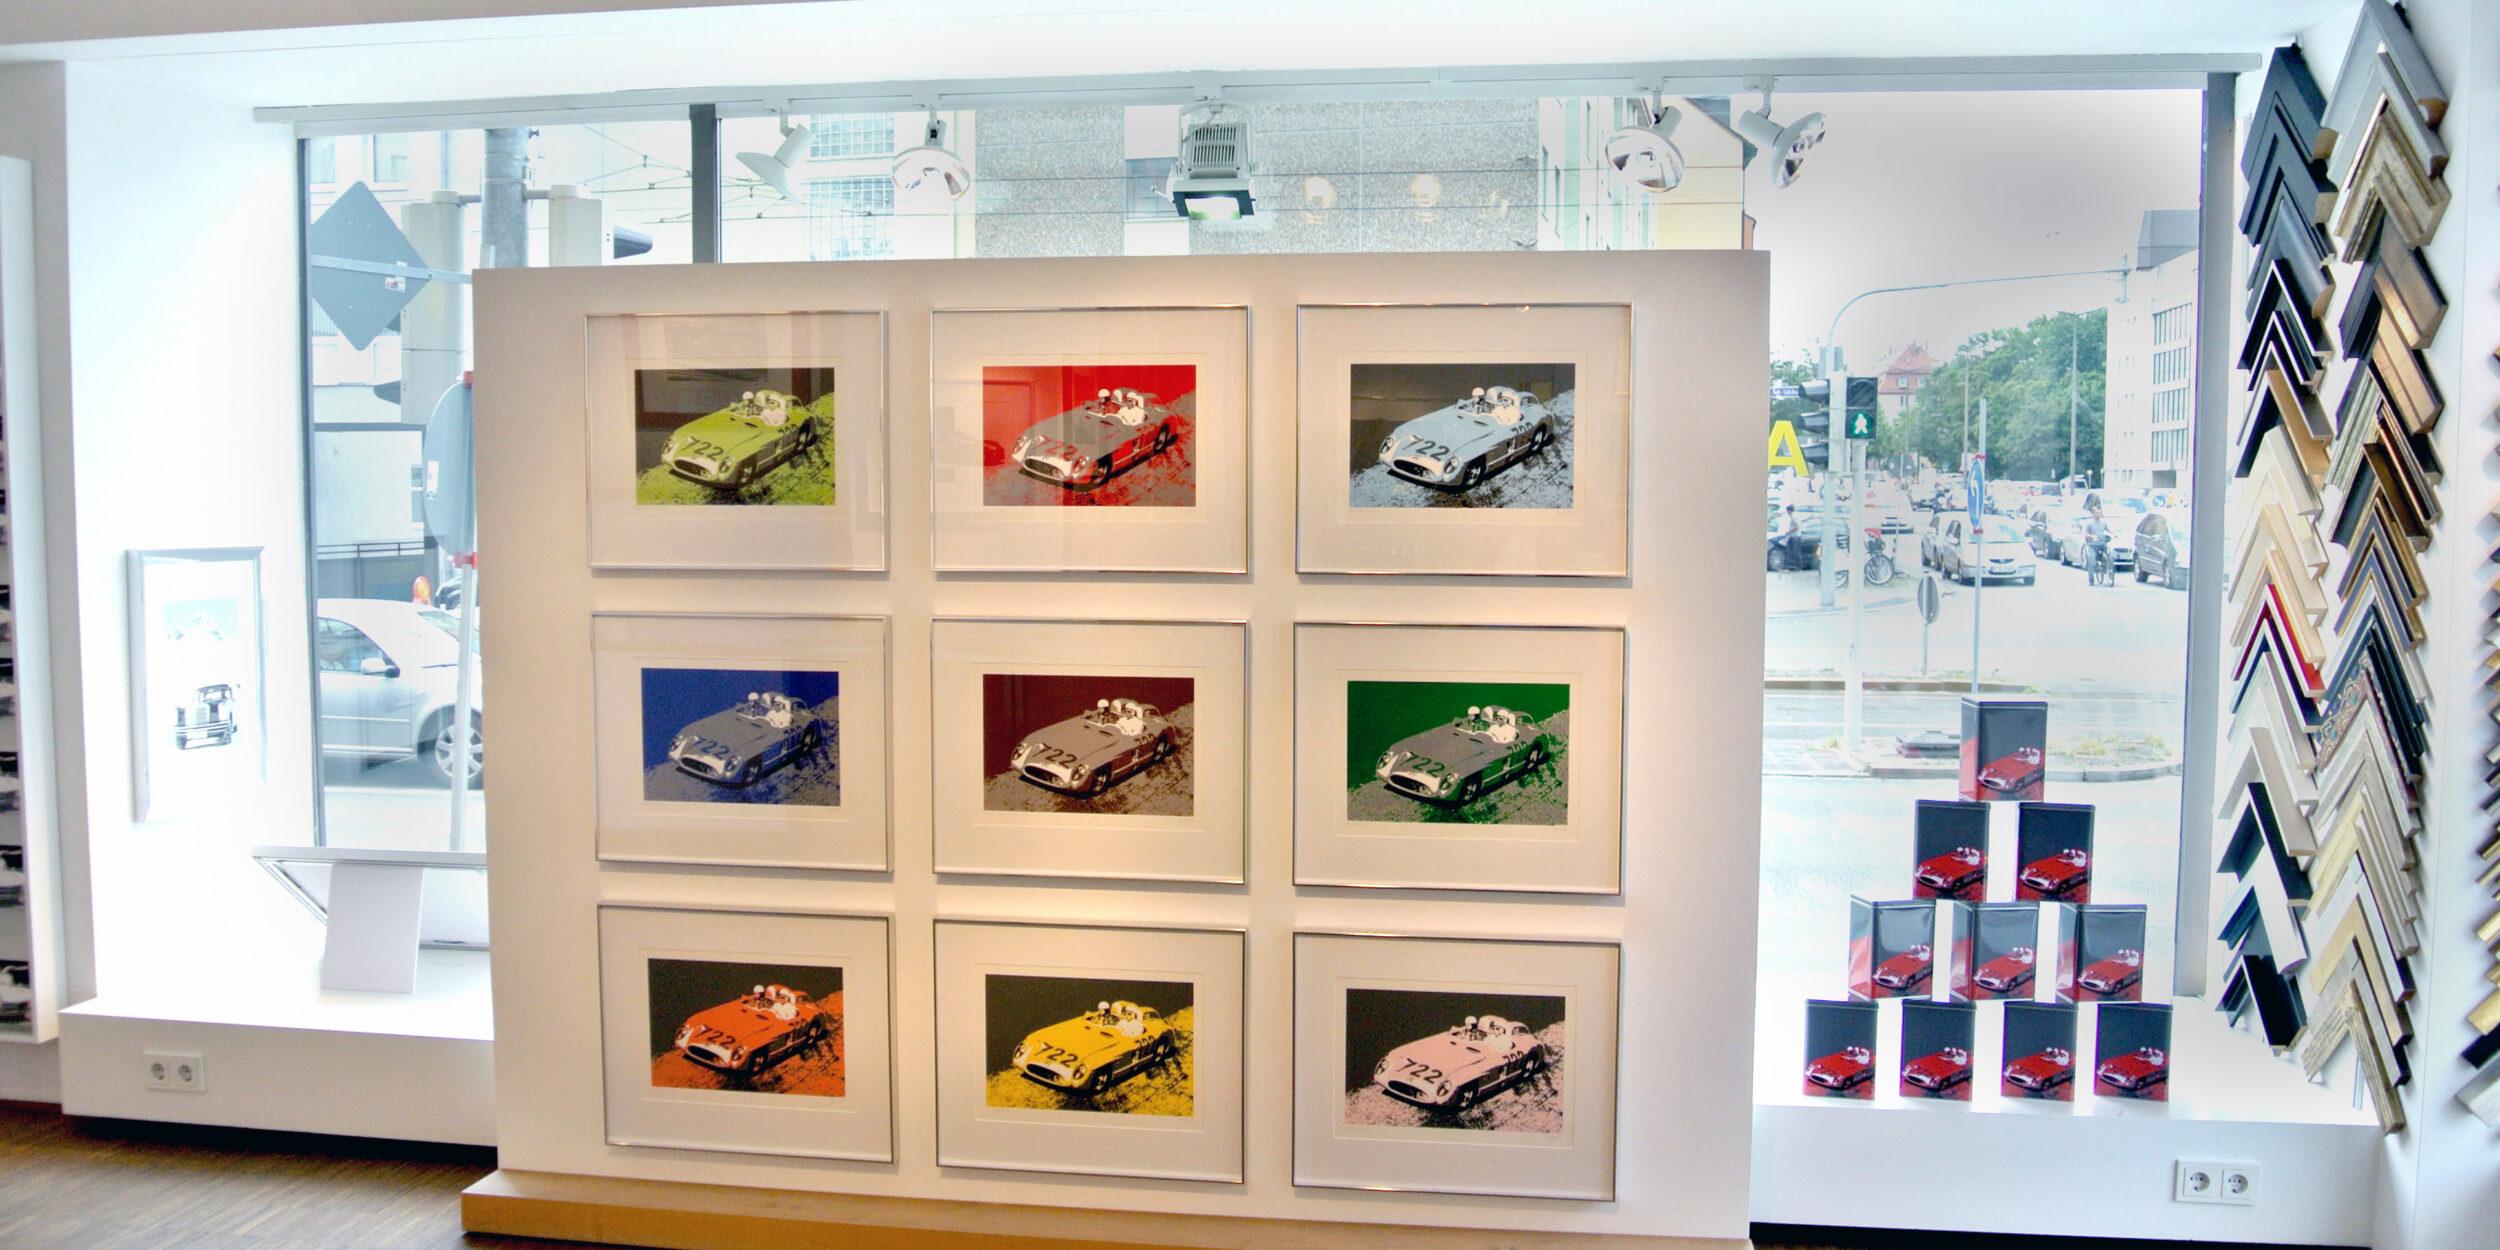 Serigrafien von Wolf Gast, Ausstellungsansicht, 2015 ©Galerie Voigt